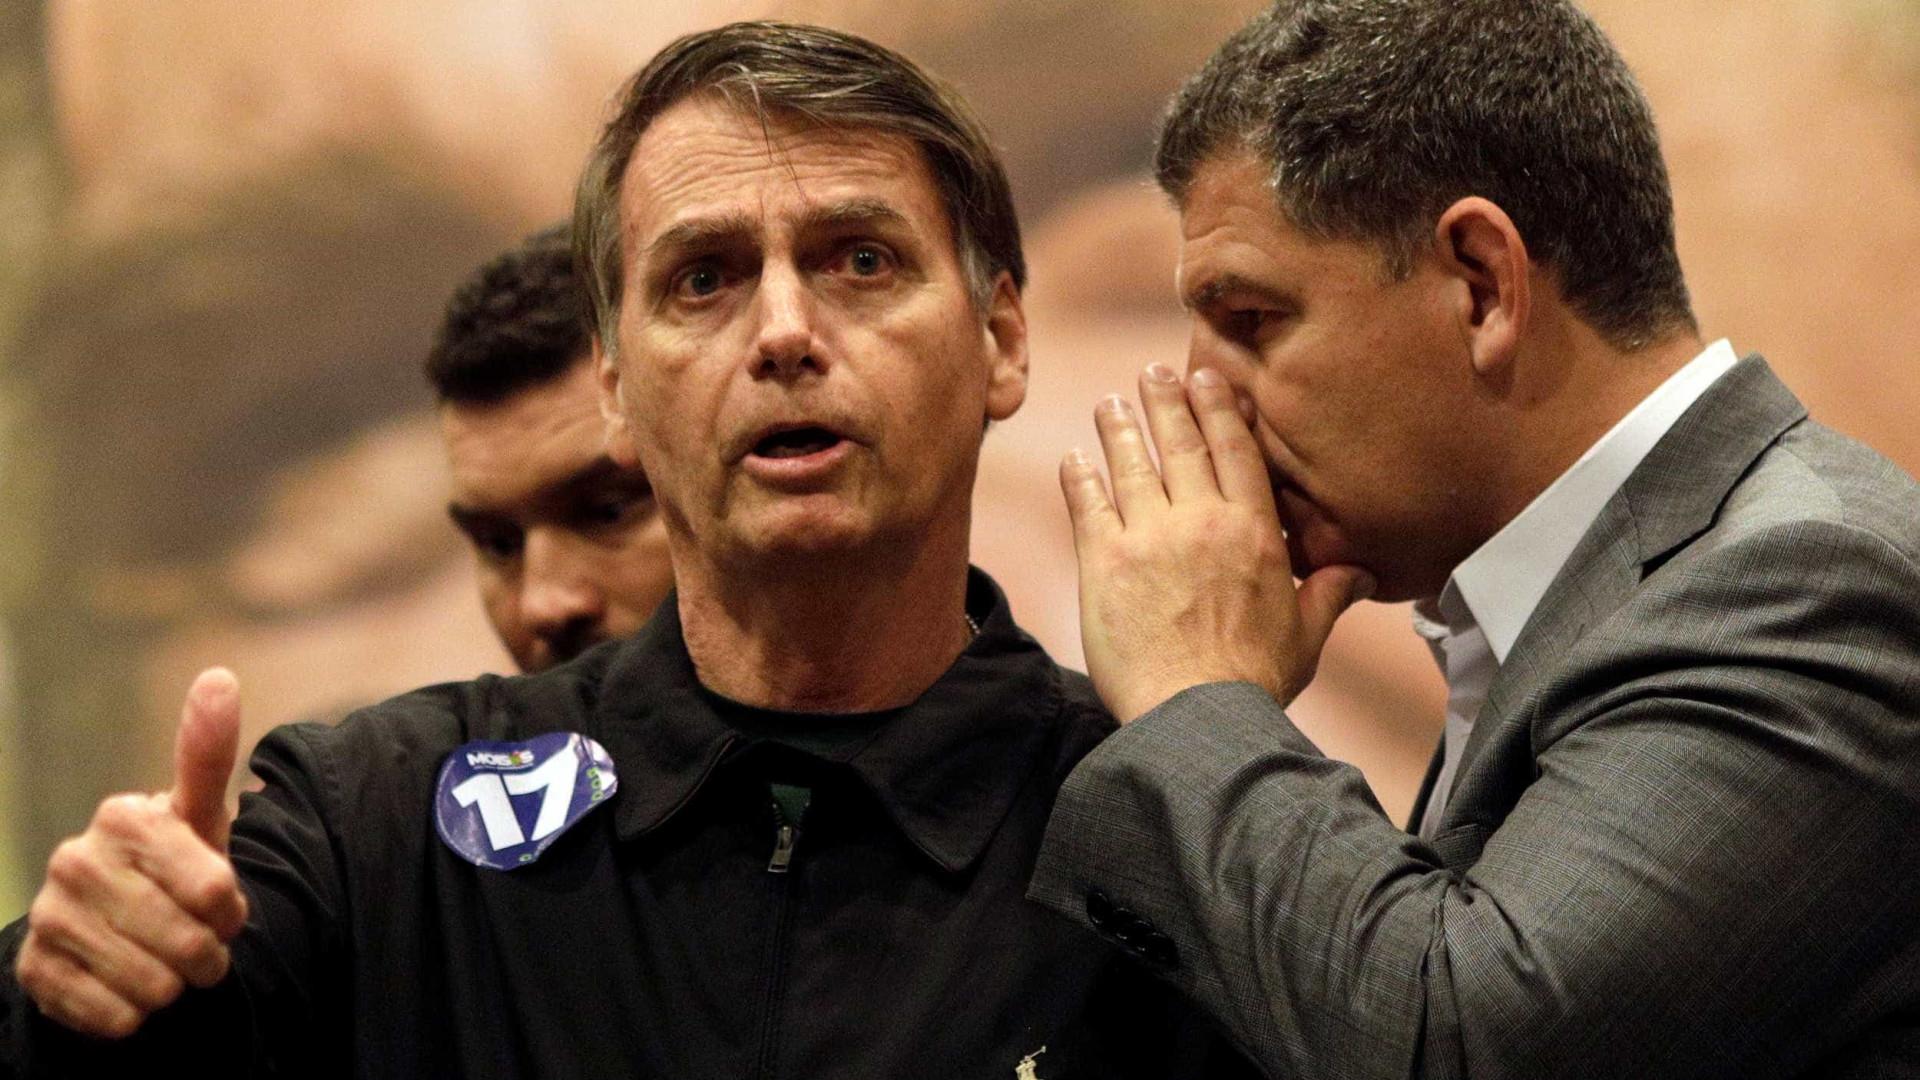 'Ele tem meu carinho e amizade', diz Bebianno sobre Bolsonaro